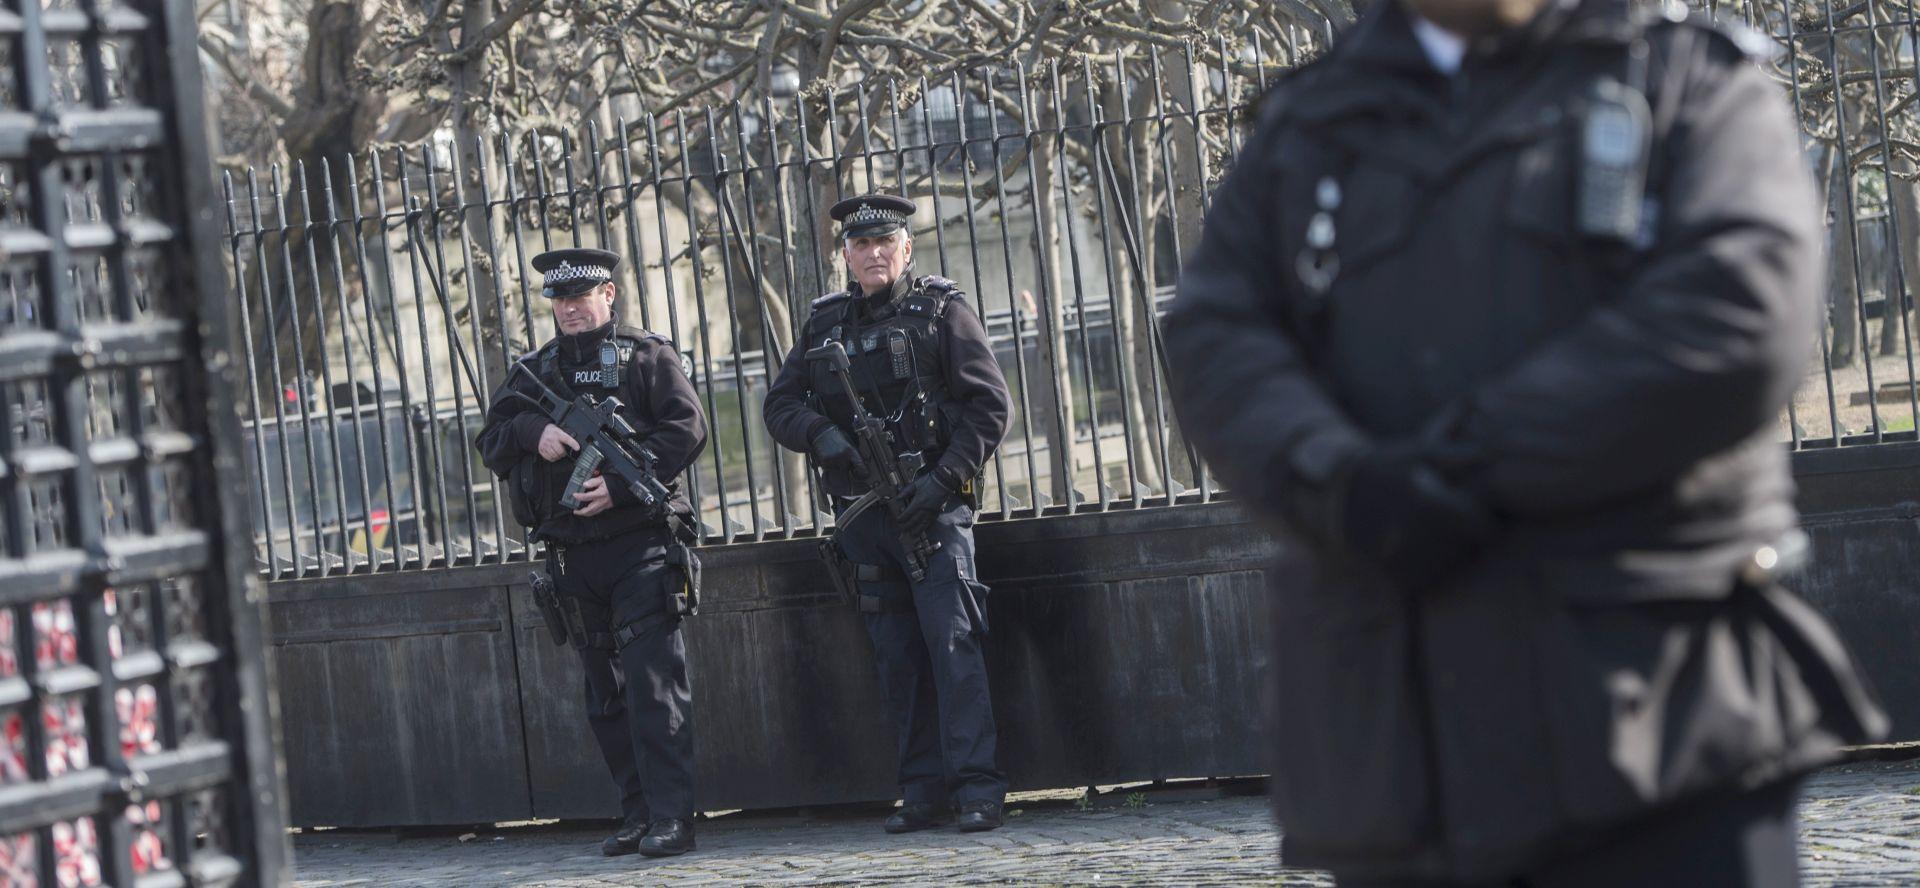 Londonski napadač bio je zainteresiran za džihad, no nije povezan s IS-om